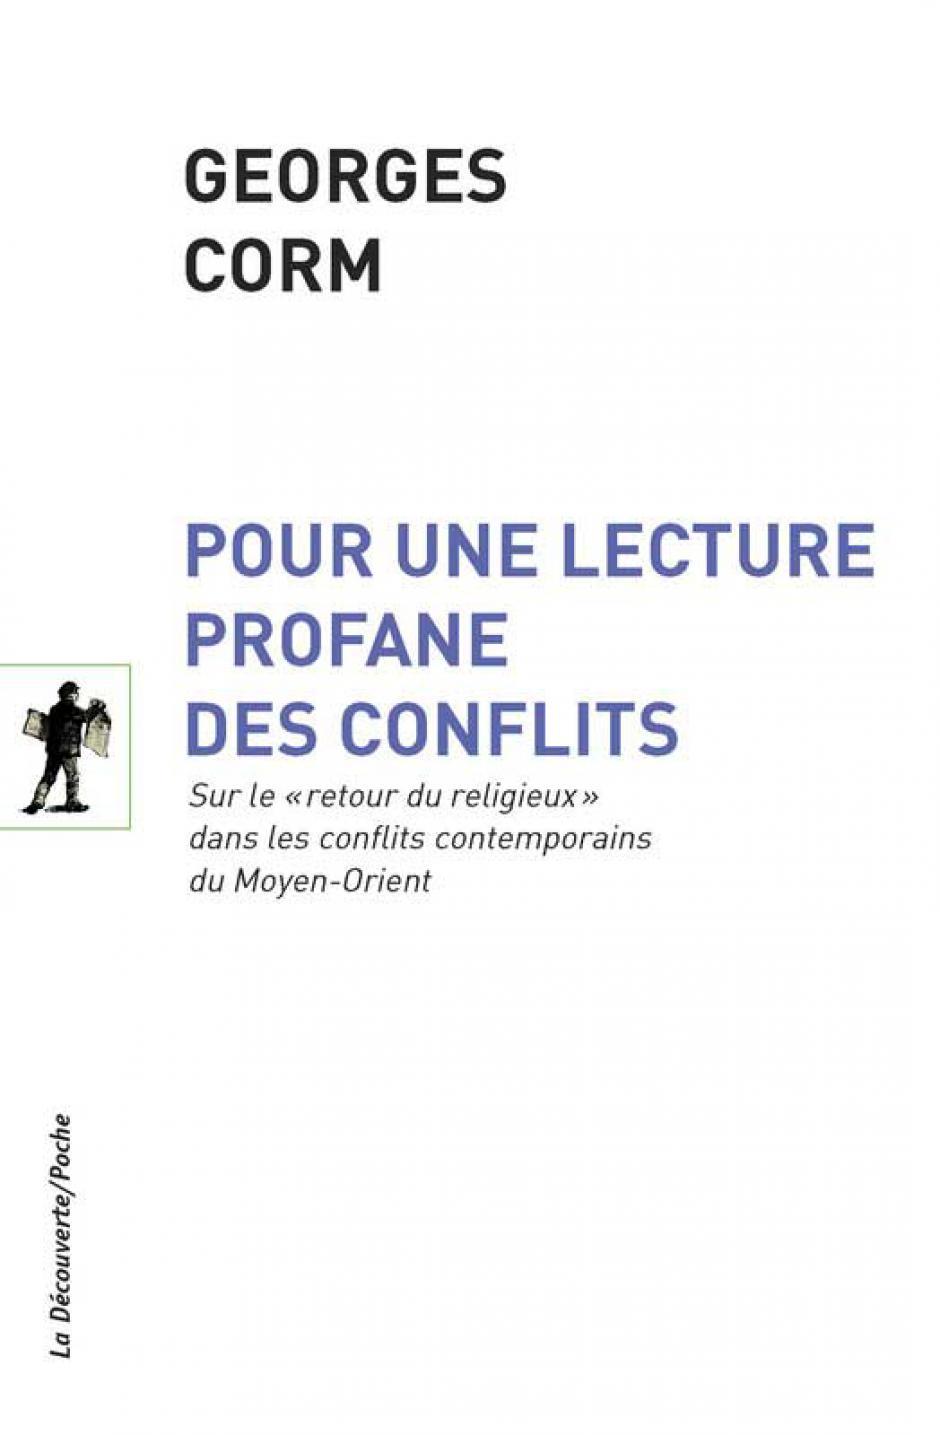 Georges Corm, Pour une lecture profane des conflits